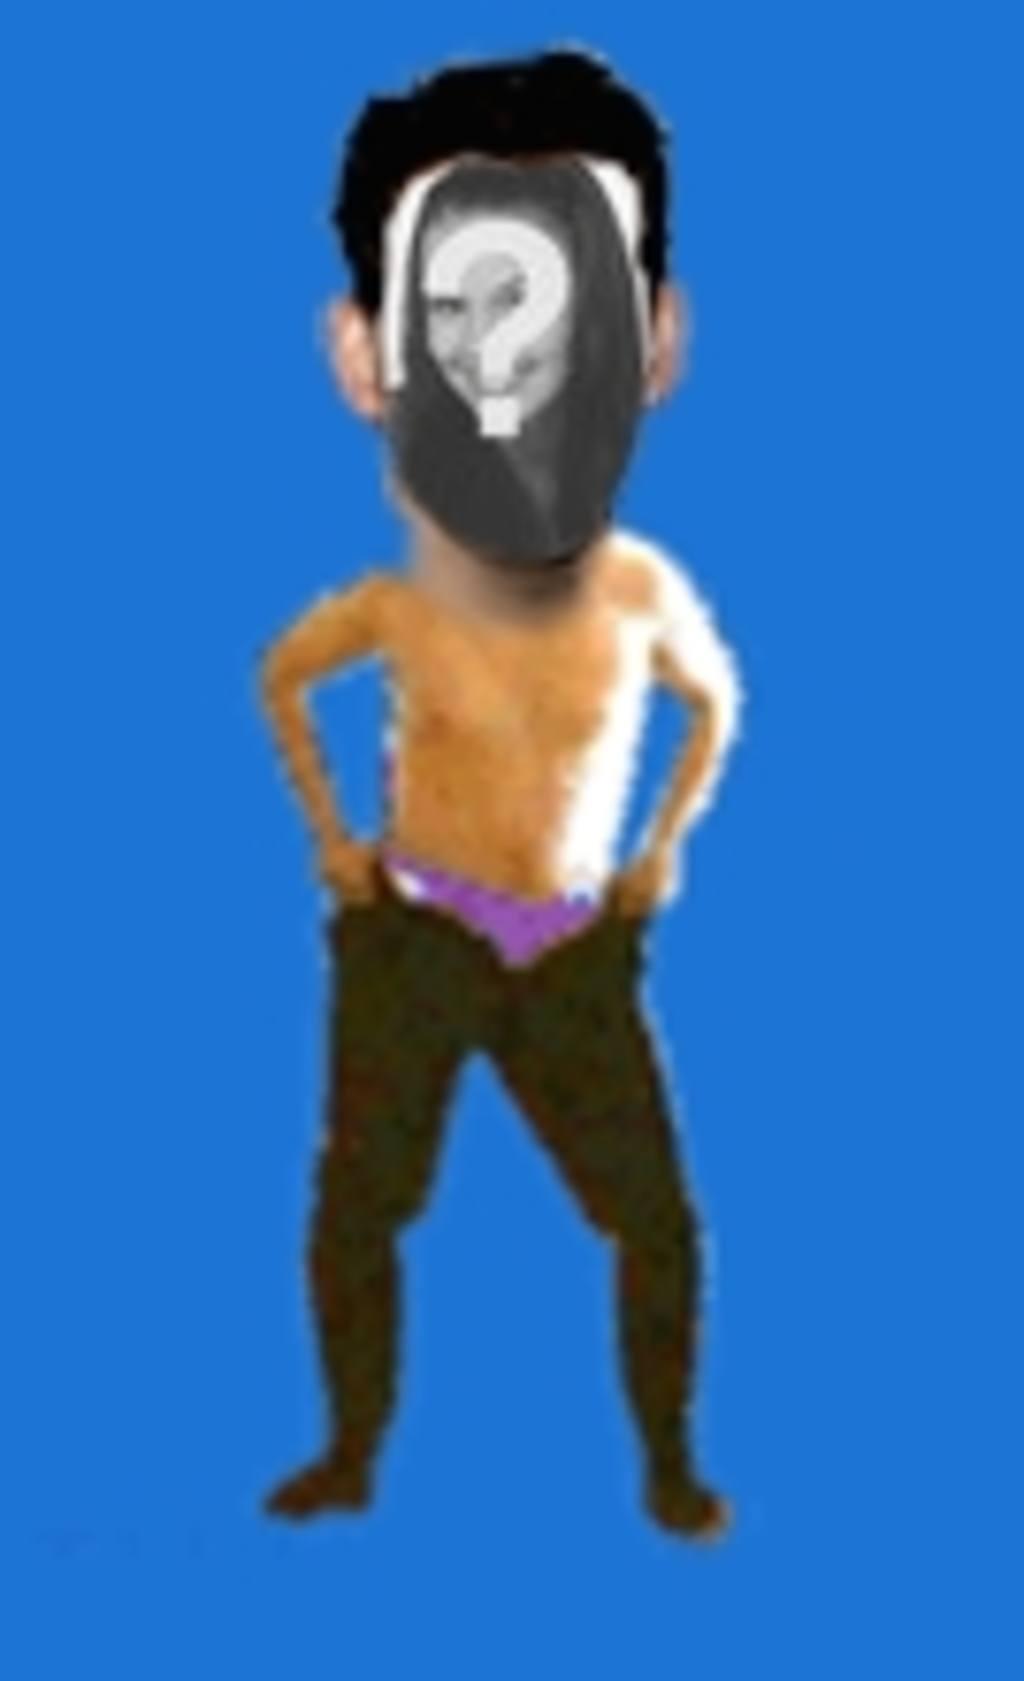 Montagem de fotos animadas em que você colocar um rosto ao corpo de um menino dançando com paixão, as proporções dos desenhos animados